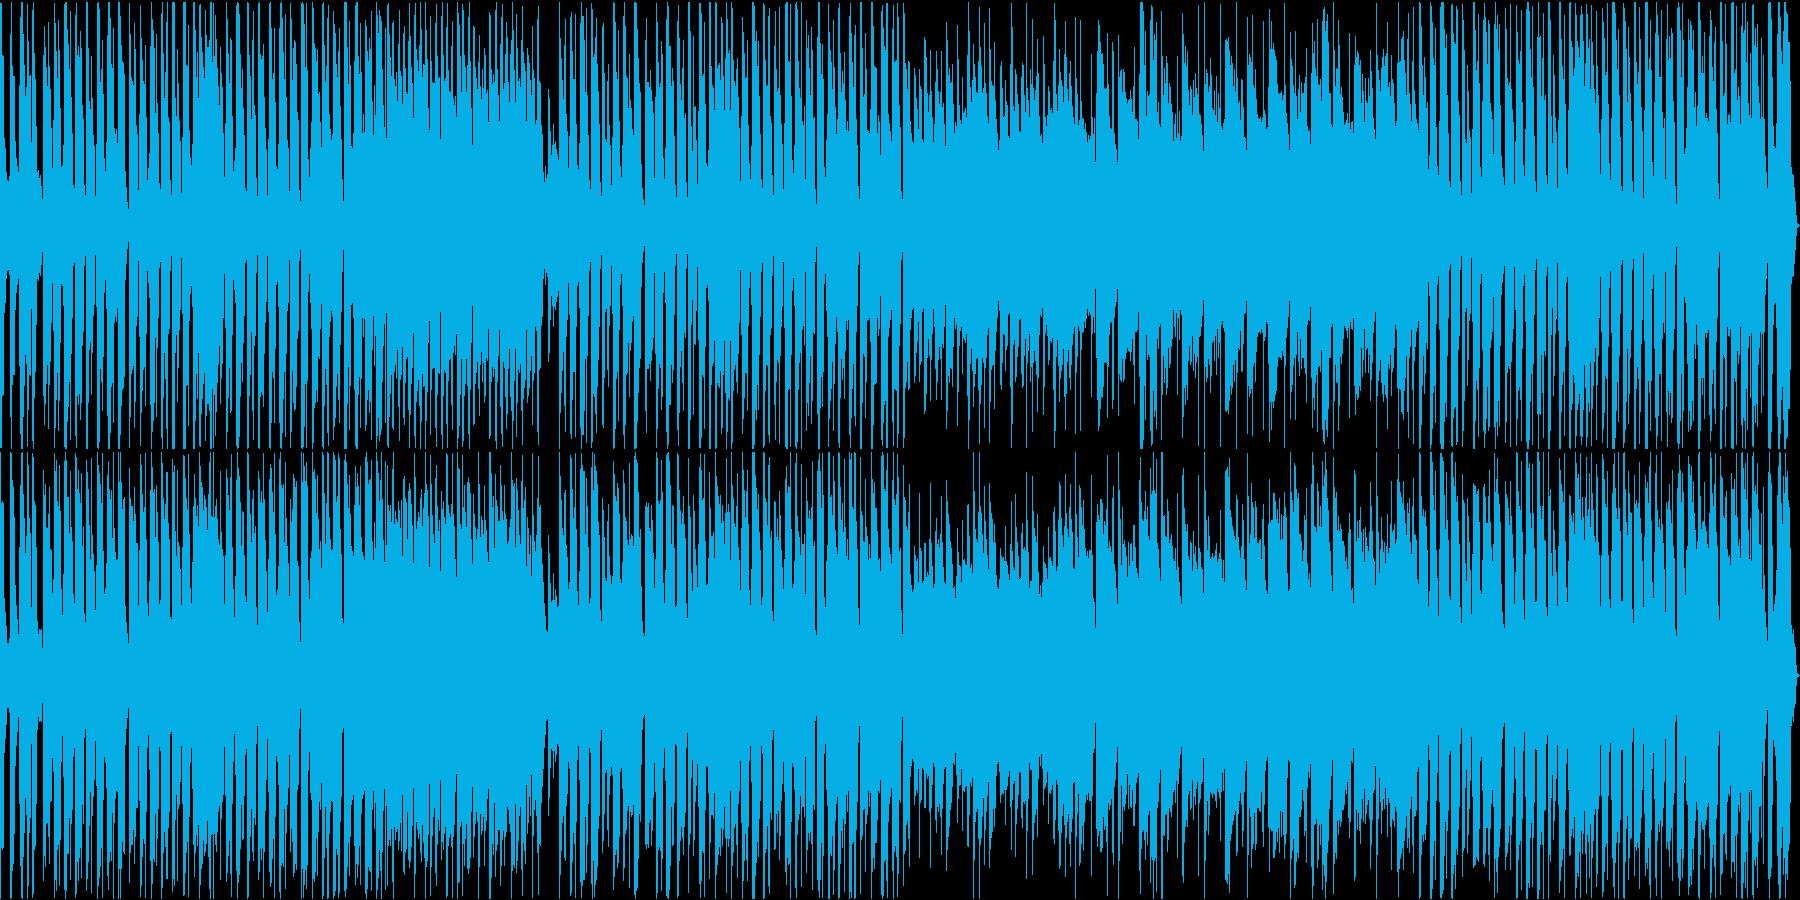 ほのぼの牧歌的で軽やかなインスト曲の再生済みの波形